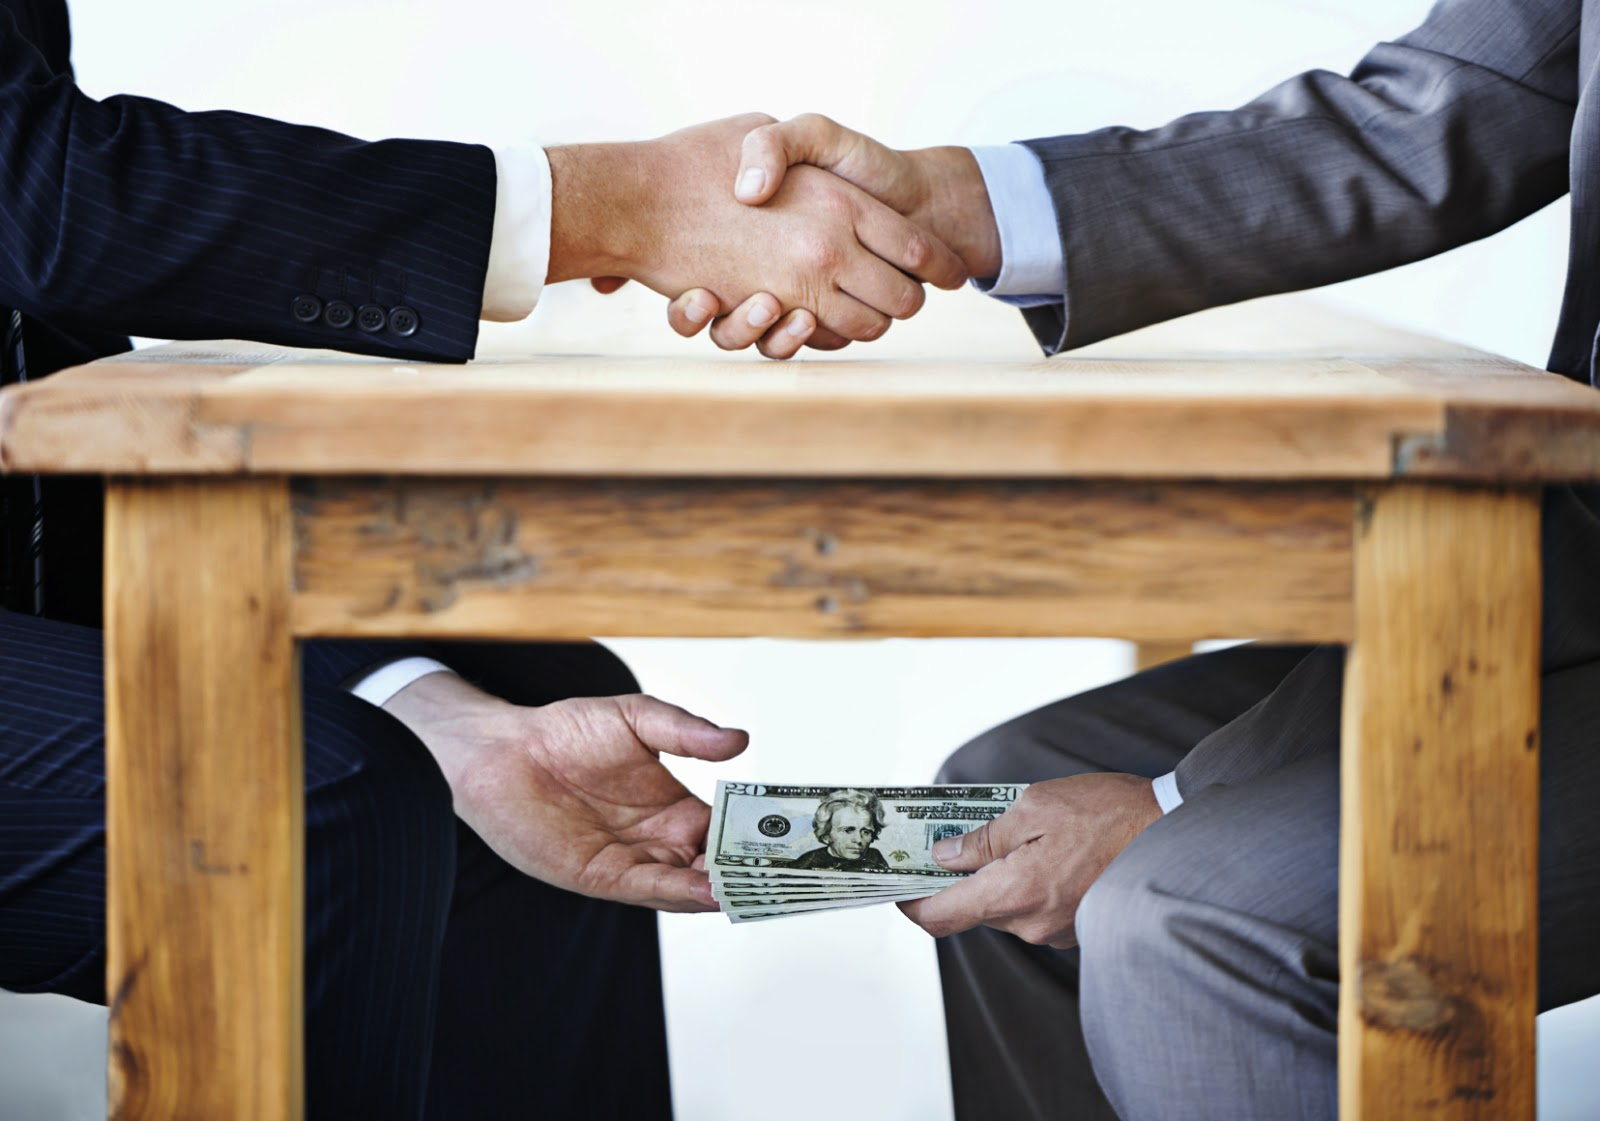 La corrupción genera inestabilidad y desorden, según el Fondo Monetario